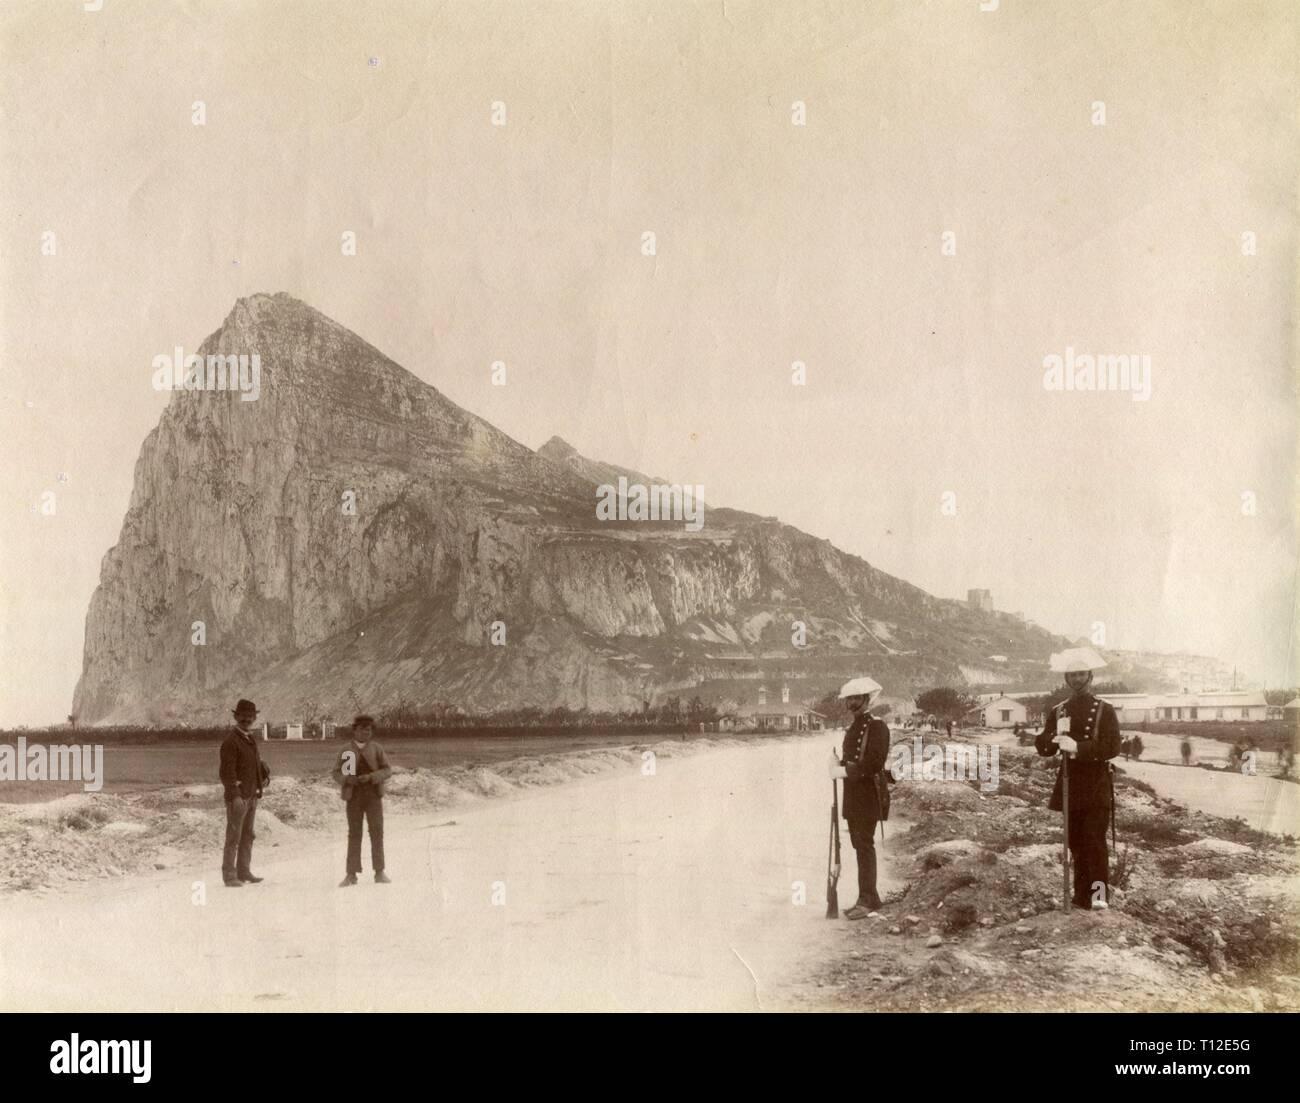 Gibraltar. El Peñón y guardias en la playa con hombres. - Stock Image